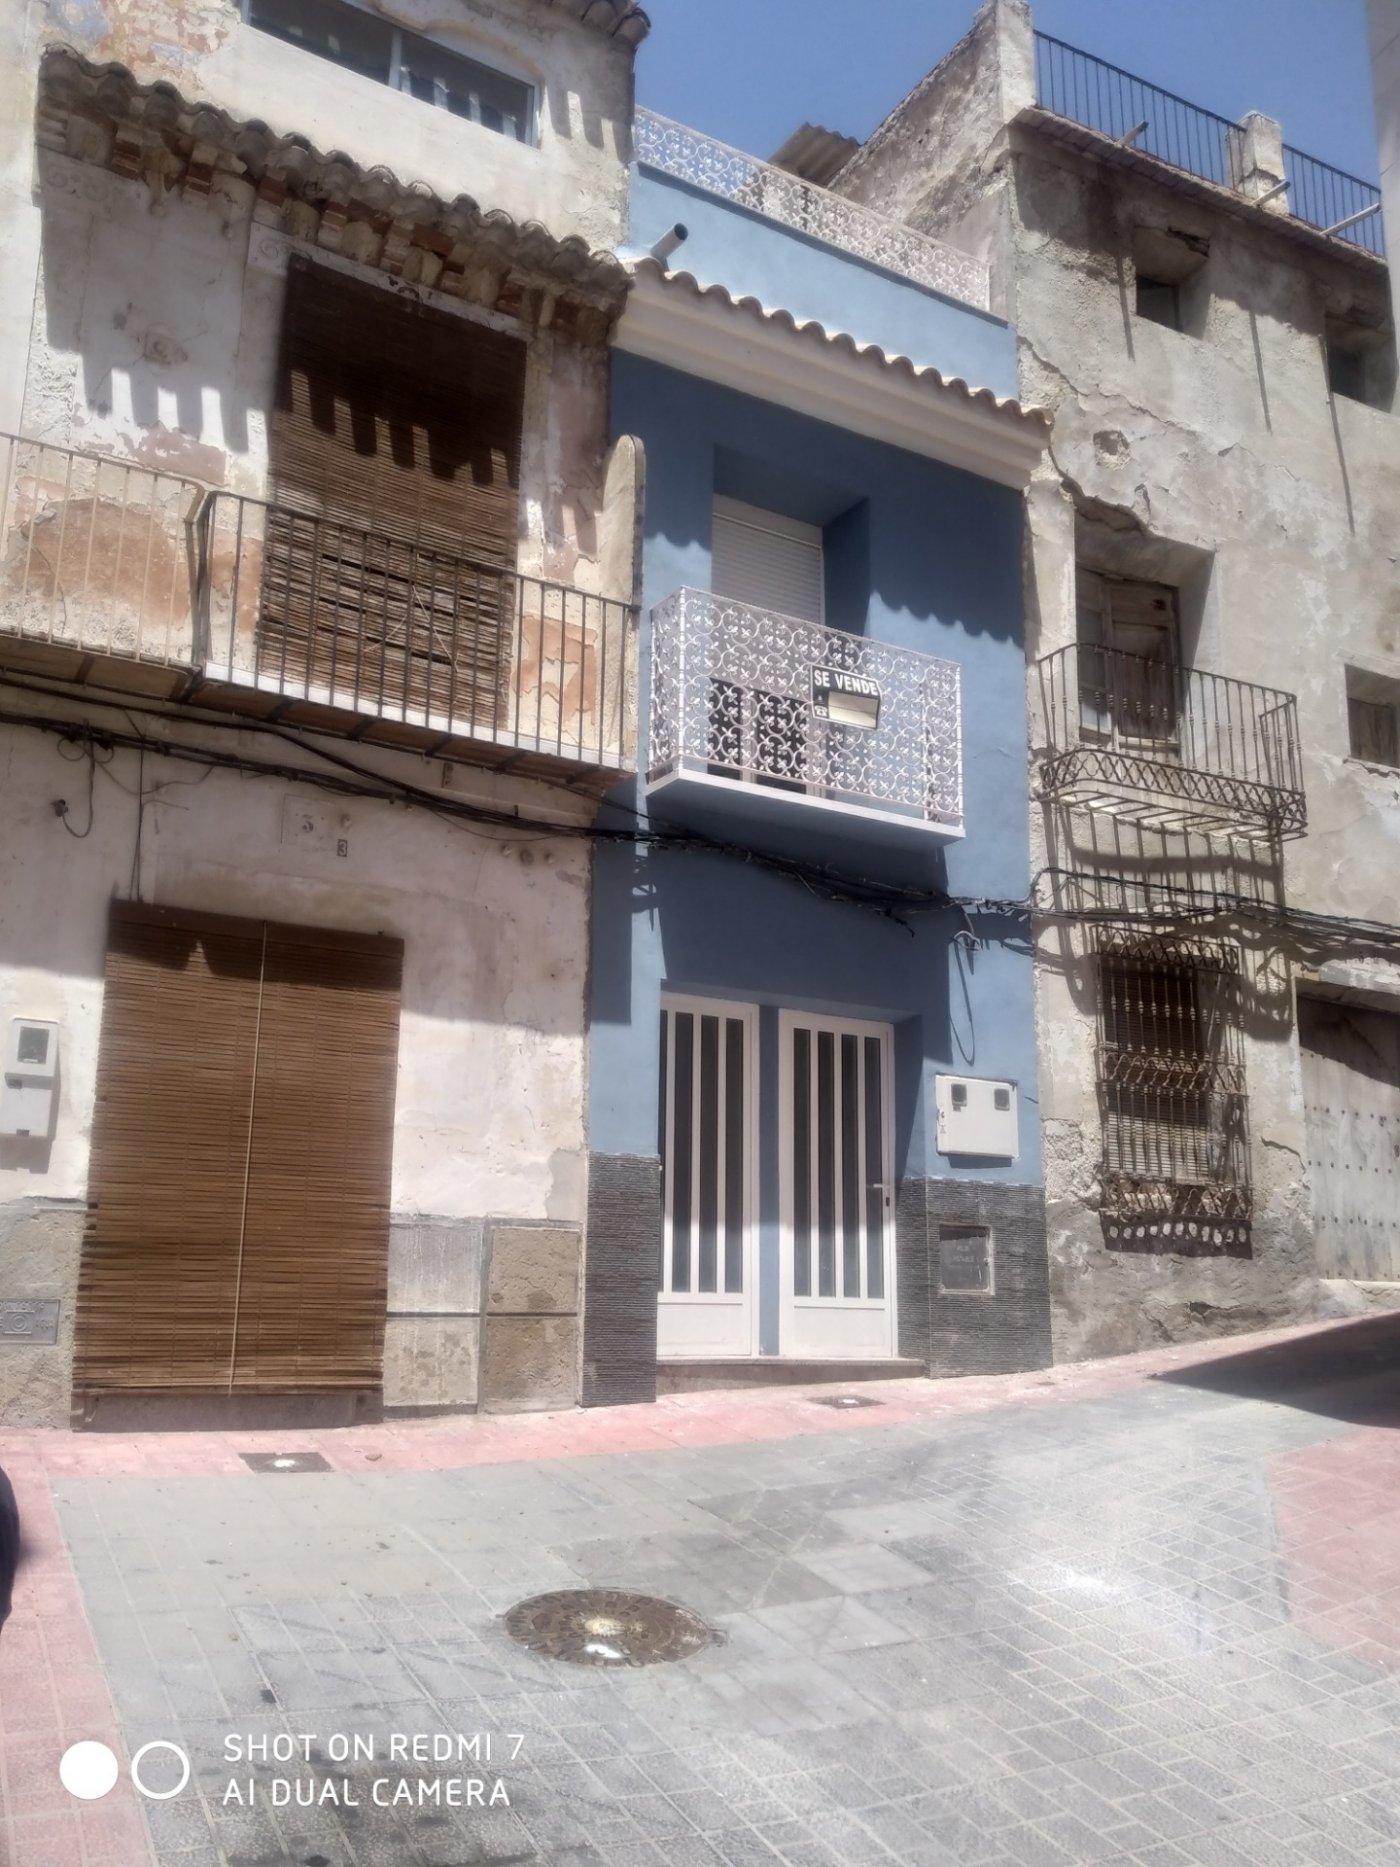 Casa de pueblo 3 dormitorios centro abanilla - imagenInmueble0